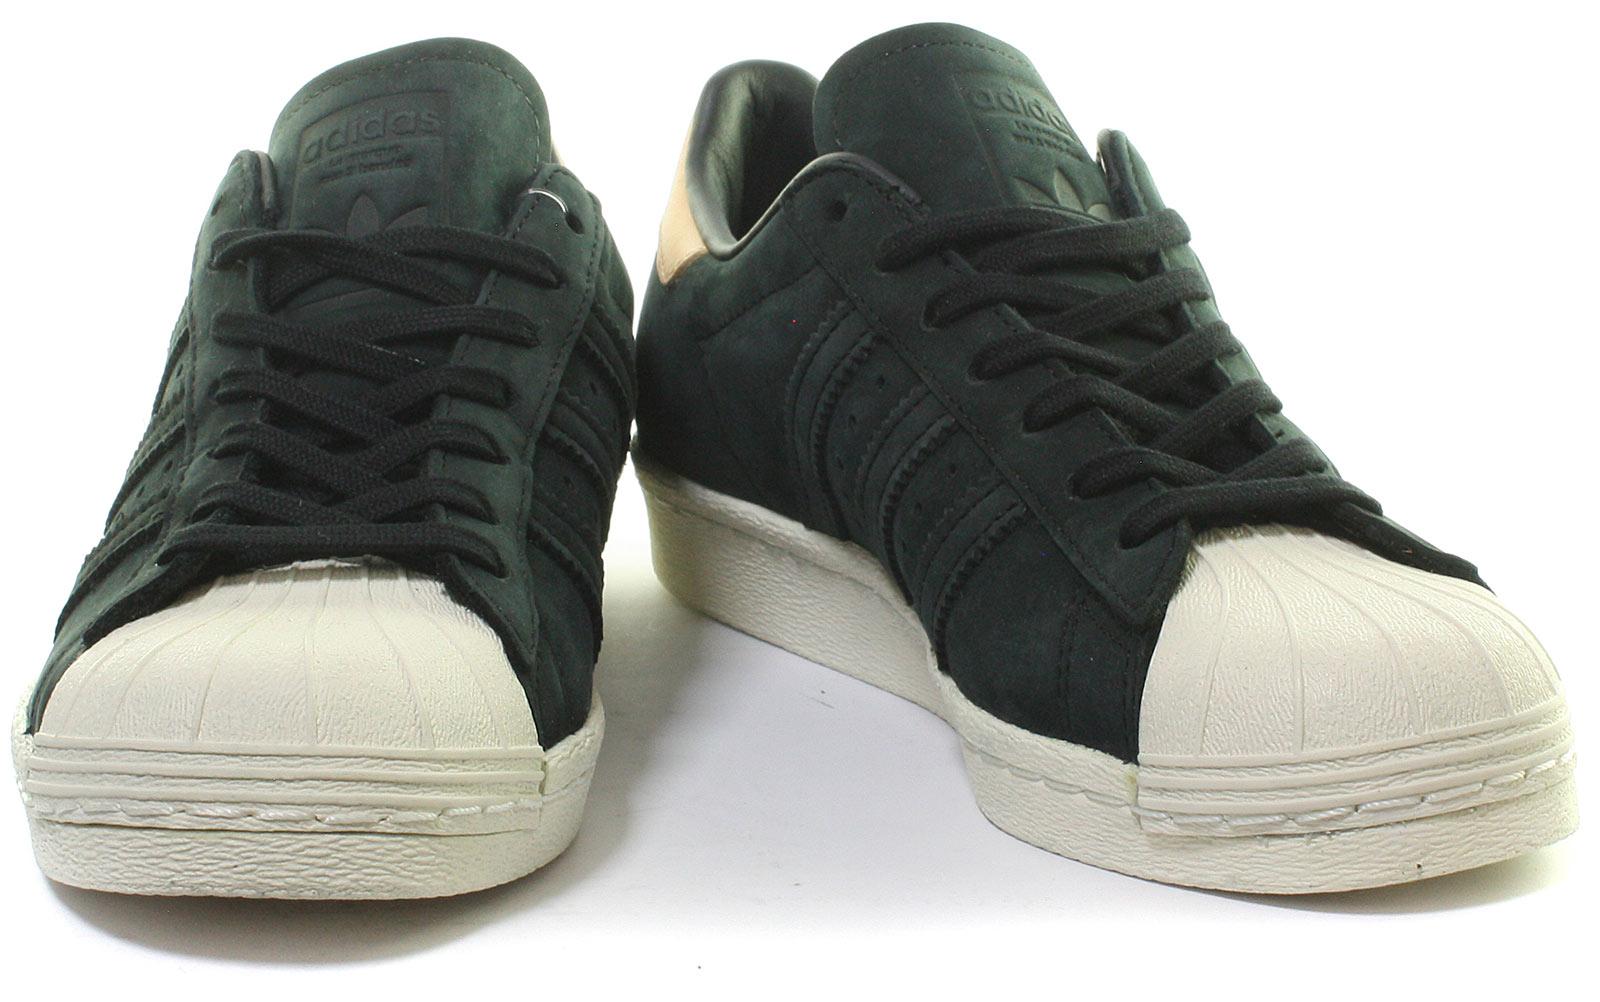 separation shoes fb7c4 b8c49 Neuf Adidas Originaux Superstar Années 80 Baskets pour Femme Toutes les  Tailles 2 2 sur 3 ...